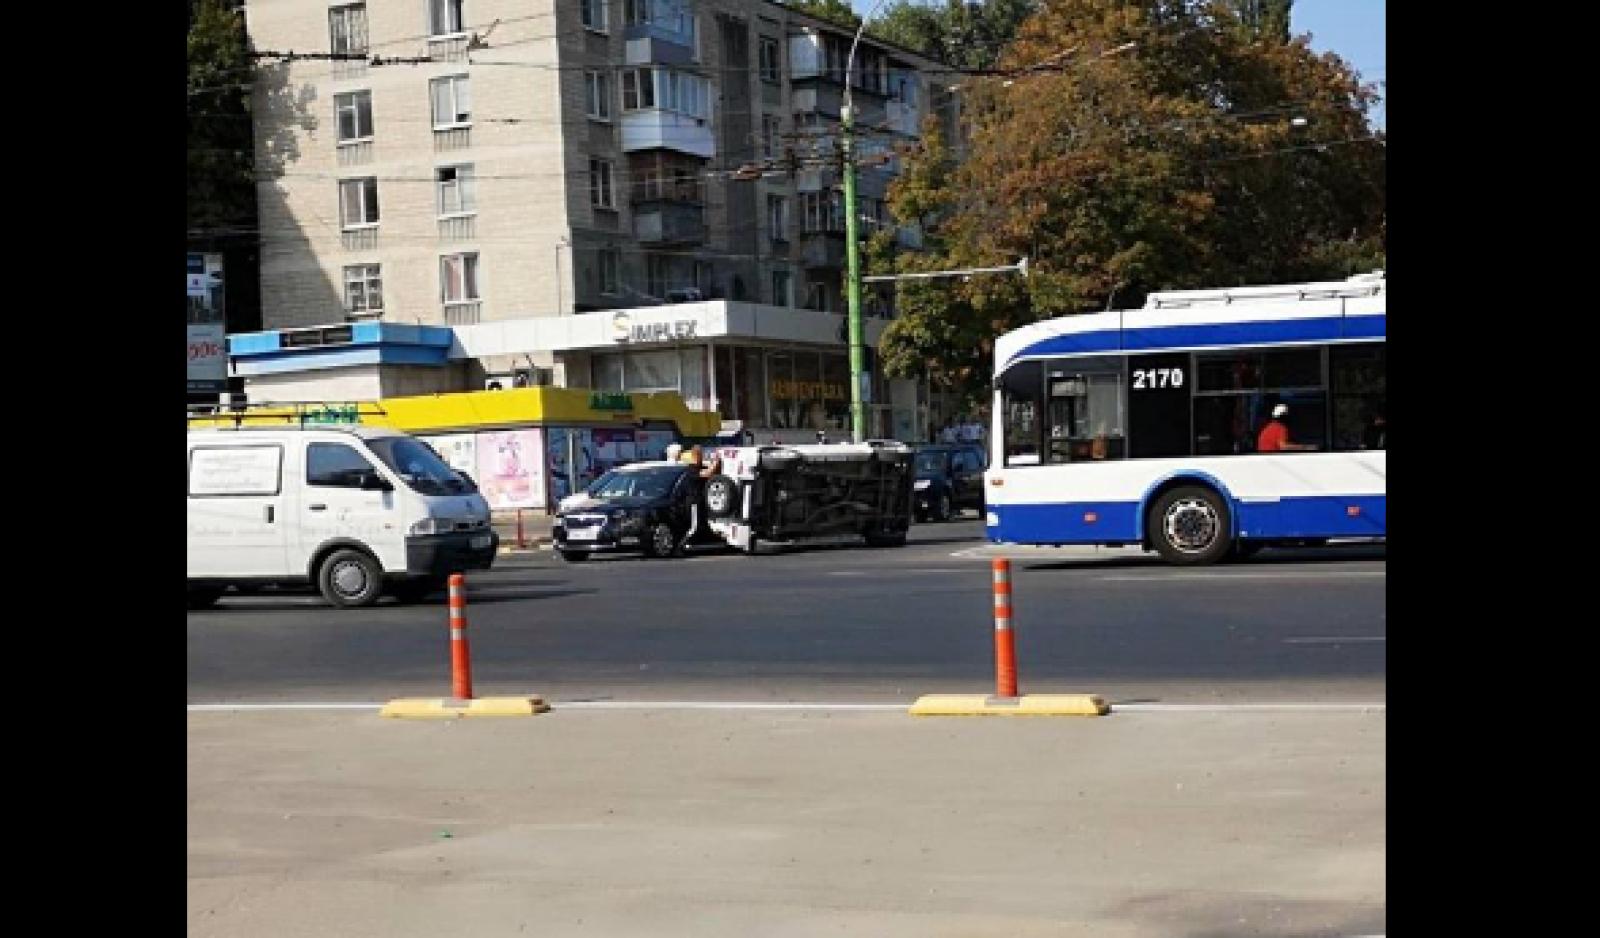 Accident grav în sectorul Botanica al capitalei: Un automobil s-a inversat. În zonă s-au format ambuteiaje